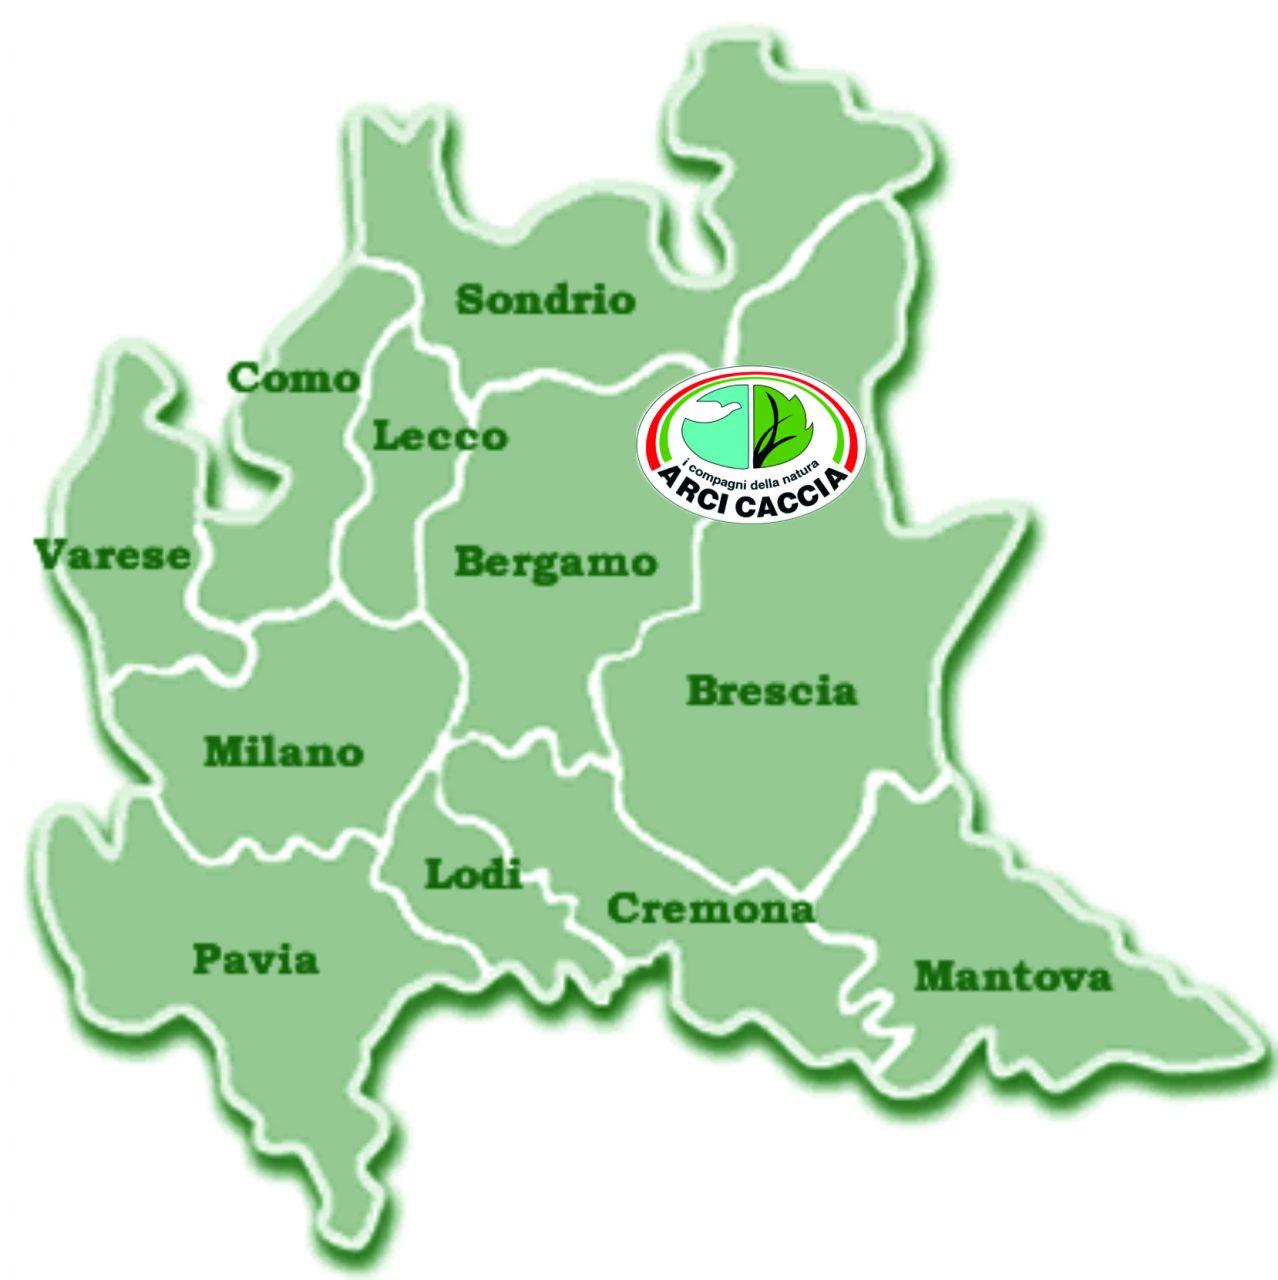 Arci Caccia Lombardia Sul Commissariamento Dell'ATC Unico Di Brescia